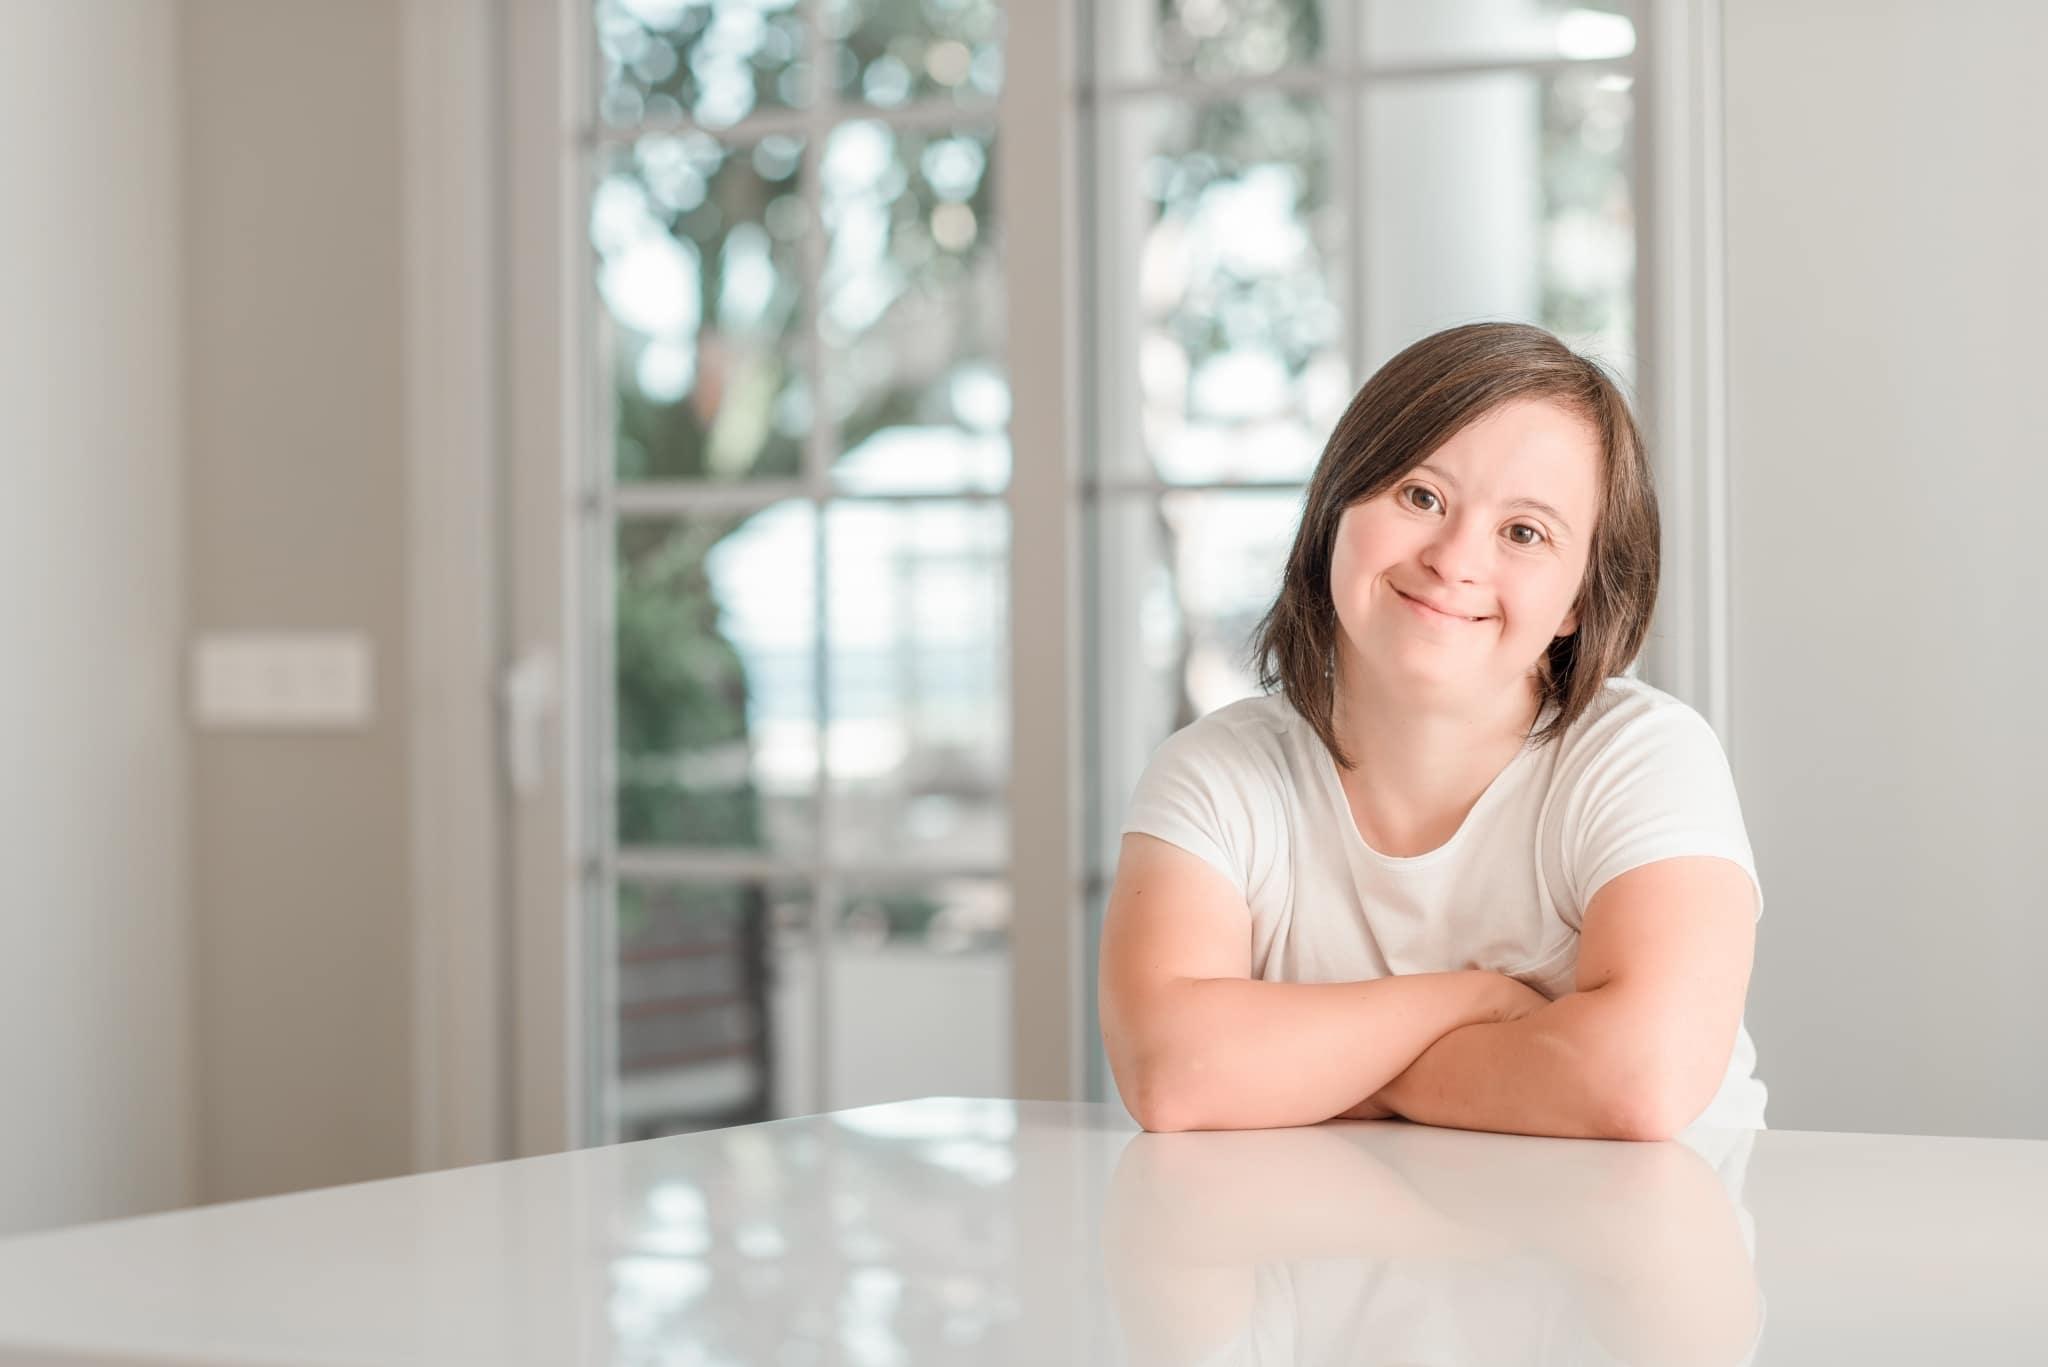 Fröhliches Mädchen sitzt am Küchentisch